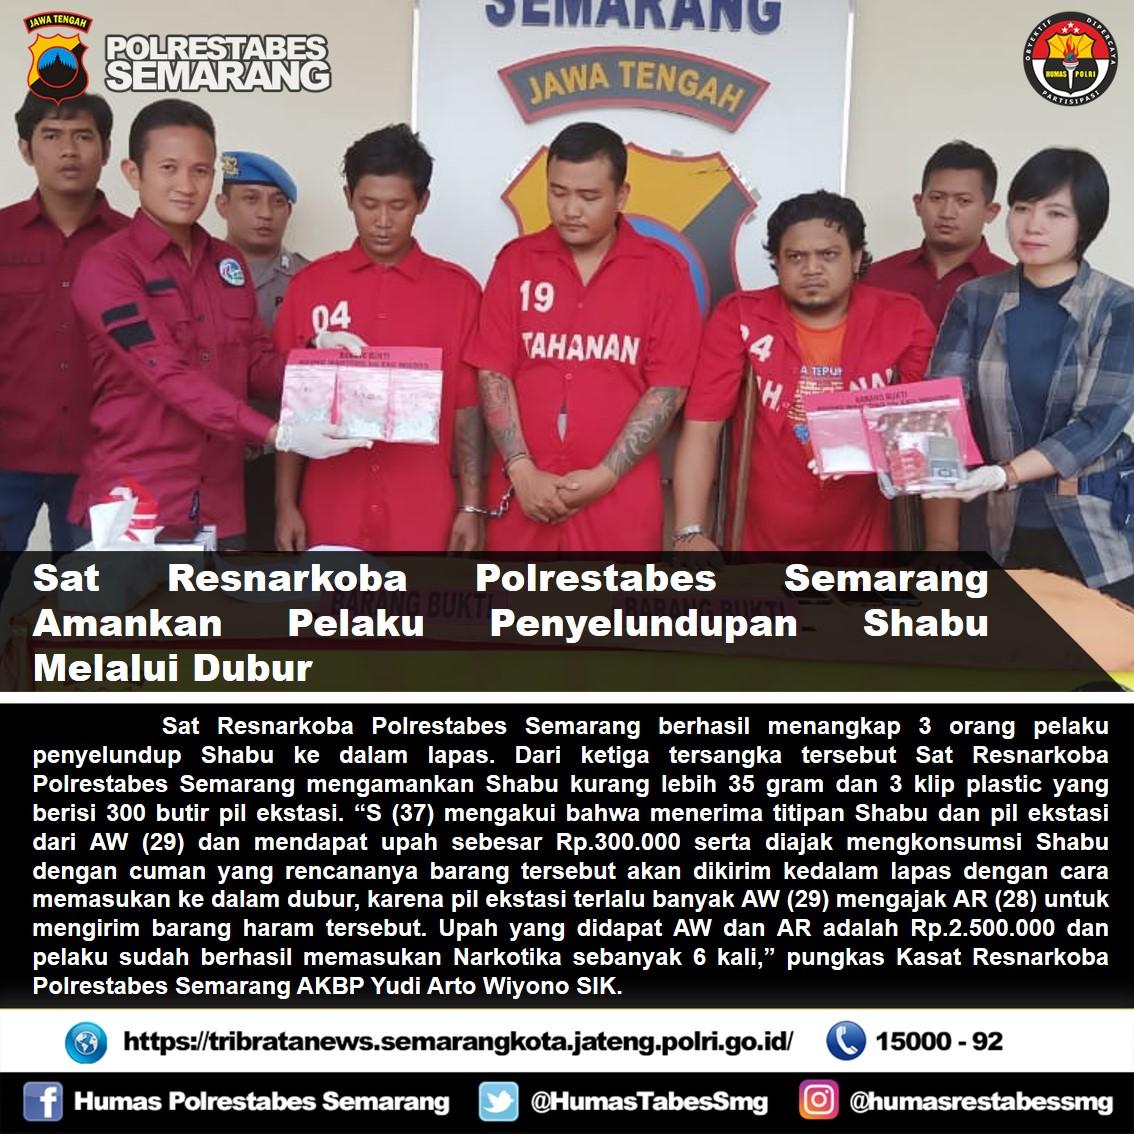 Selundupkan Shabu ke dalam Dubur, 3 orang diamankan Sat Resnarkoba Polrestabes Semarang #polrestabessemarang